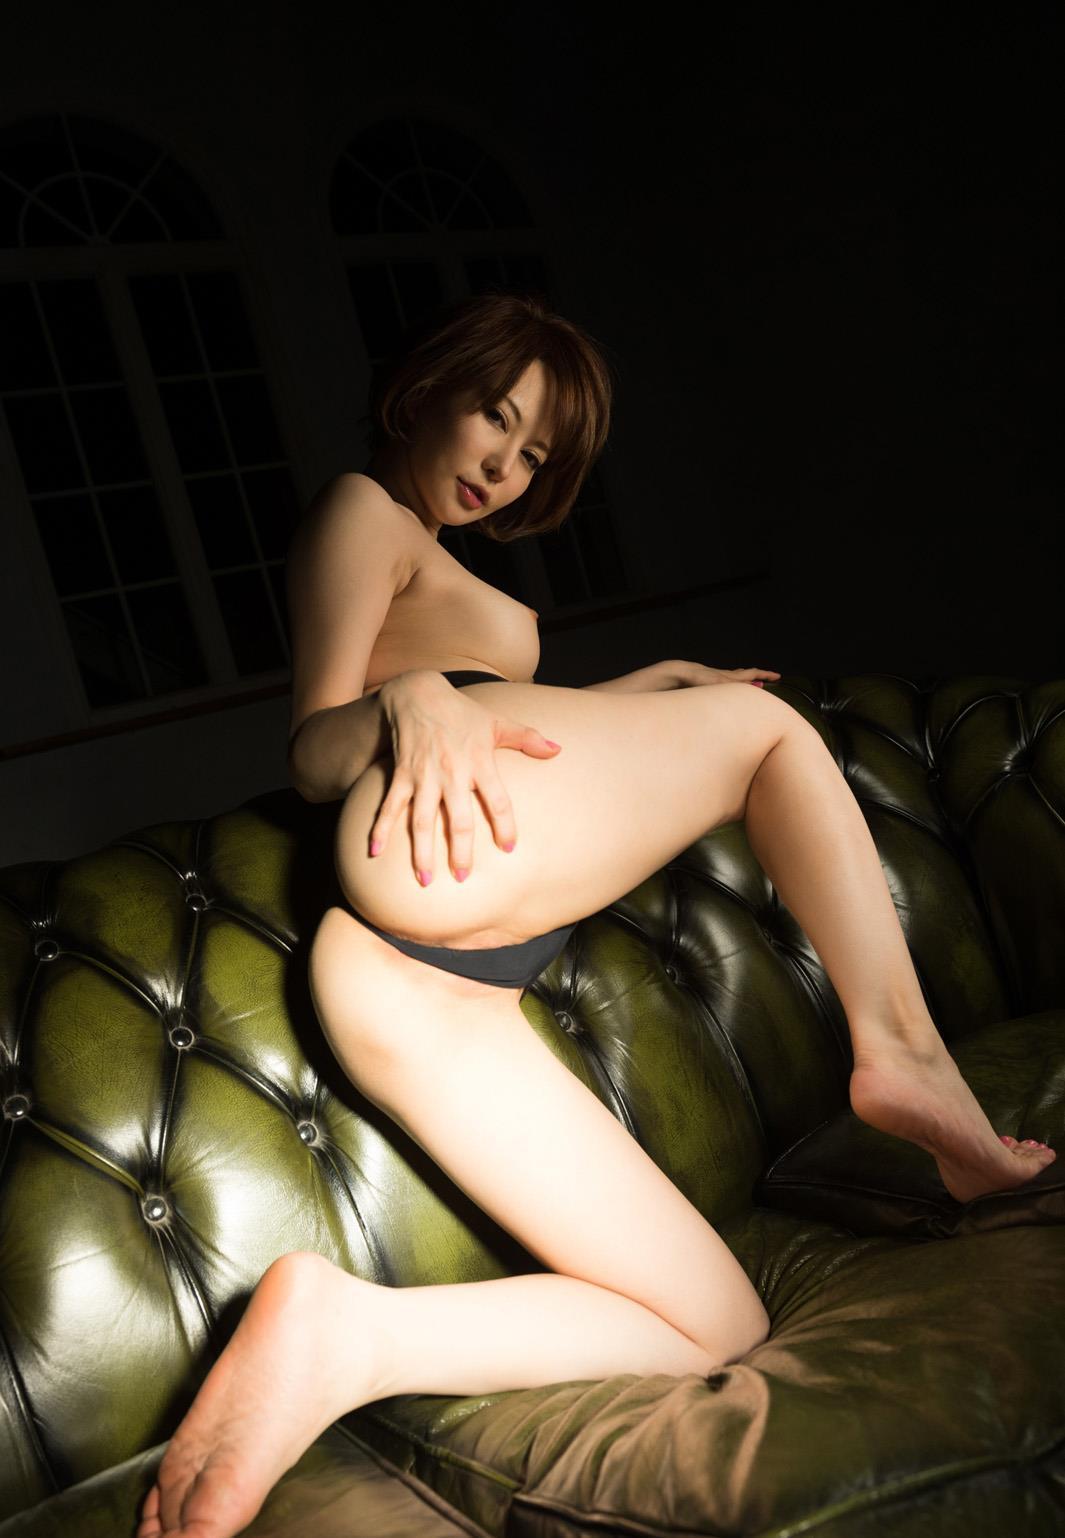 里美ゆりあ(小泉彩) ヌード画像 115